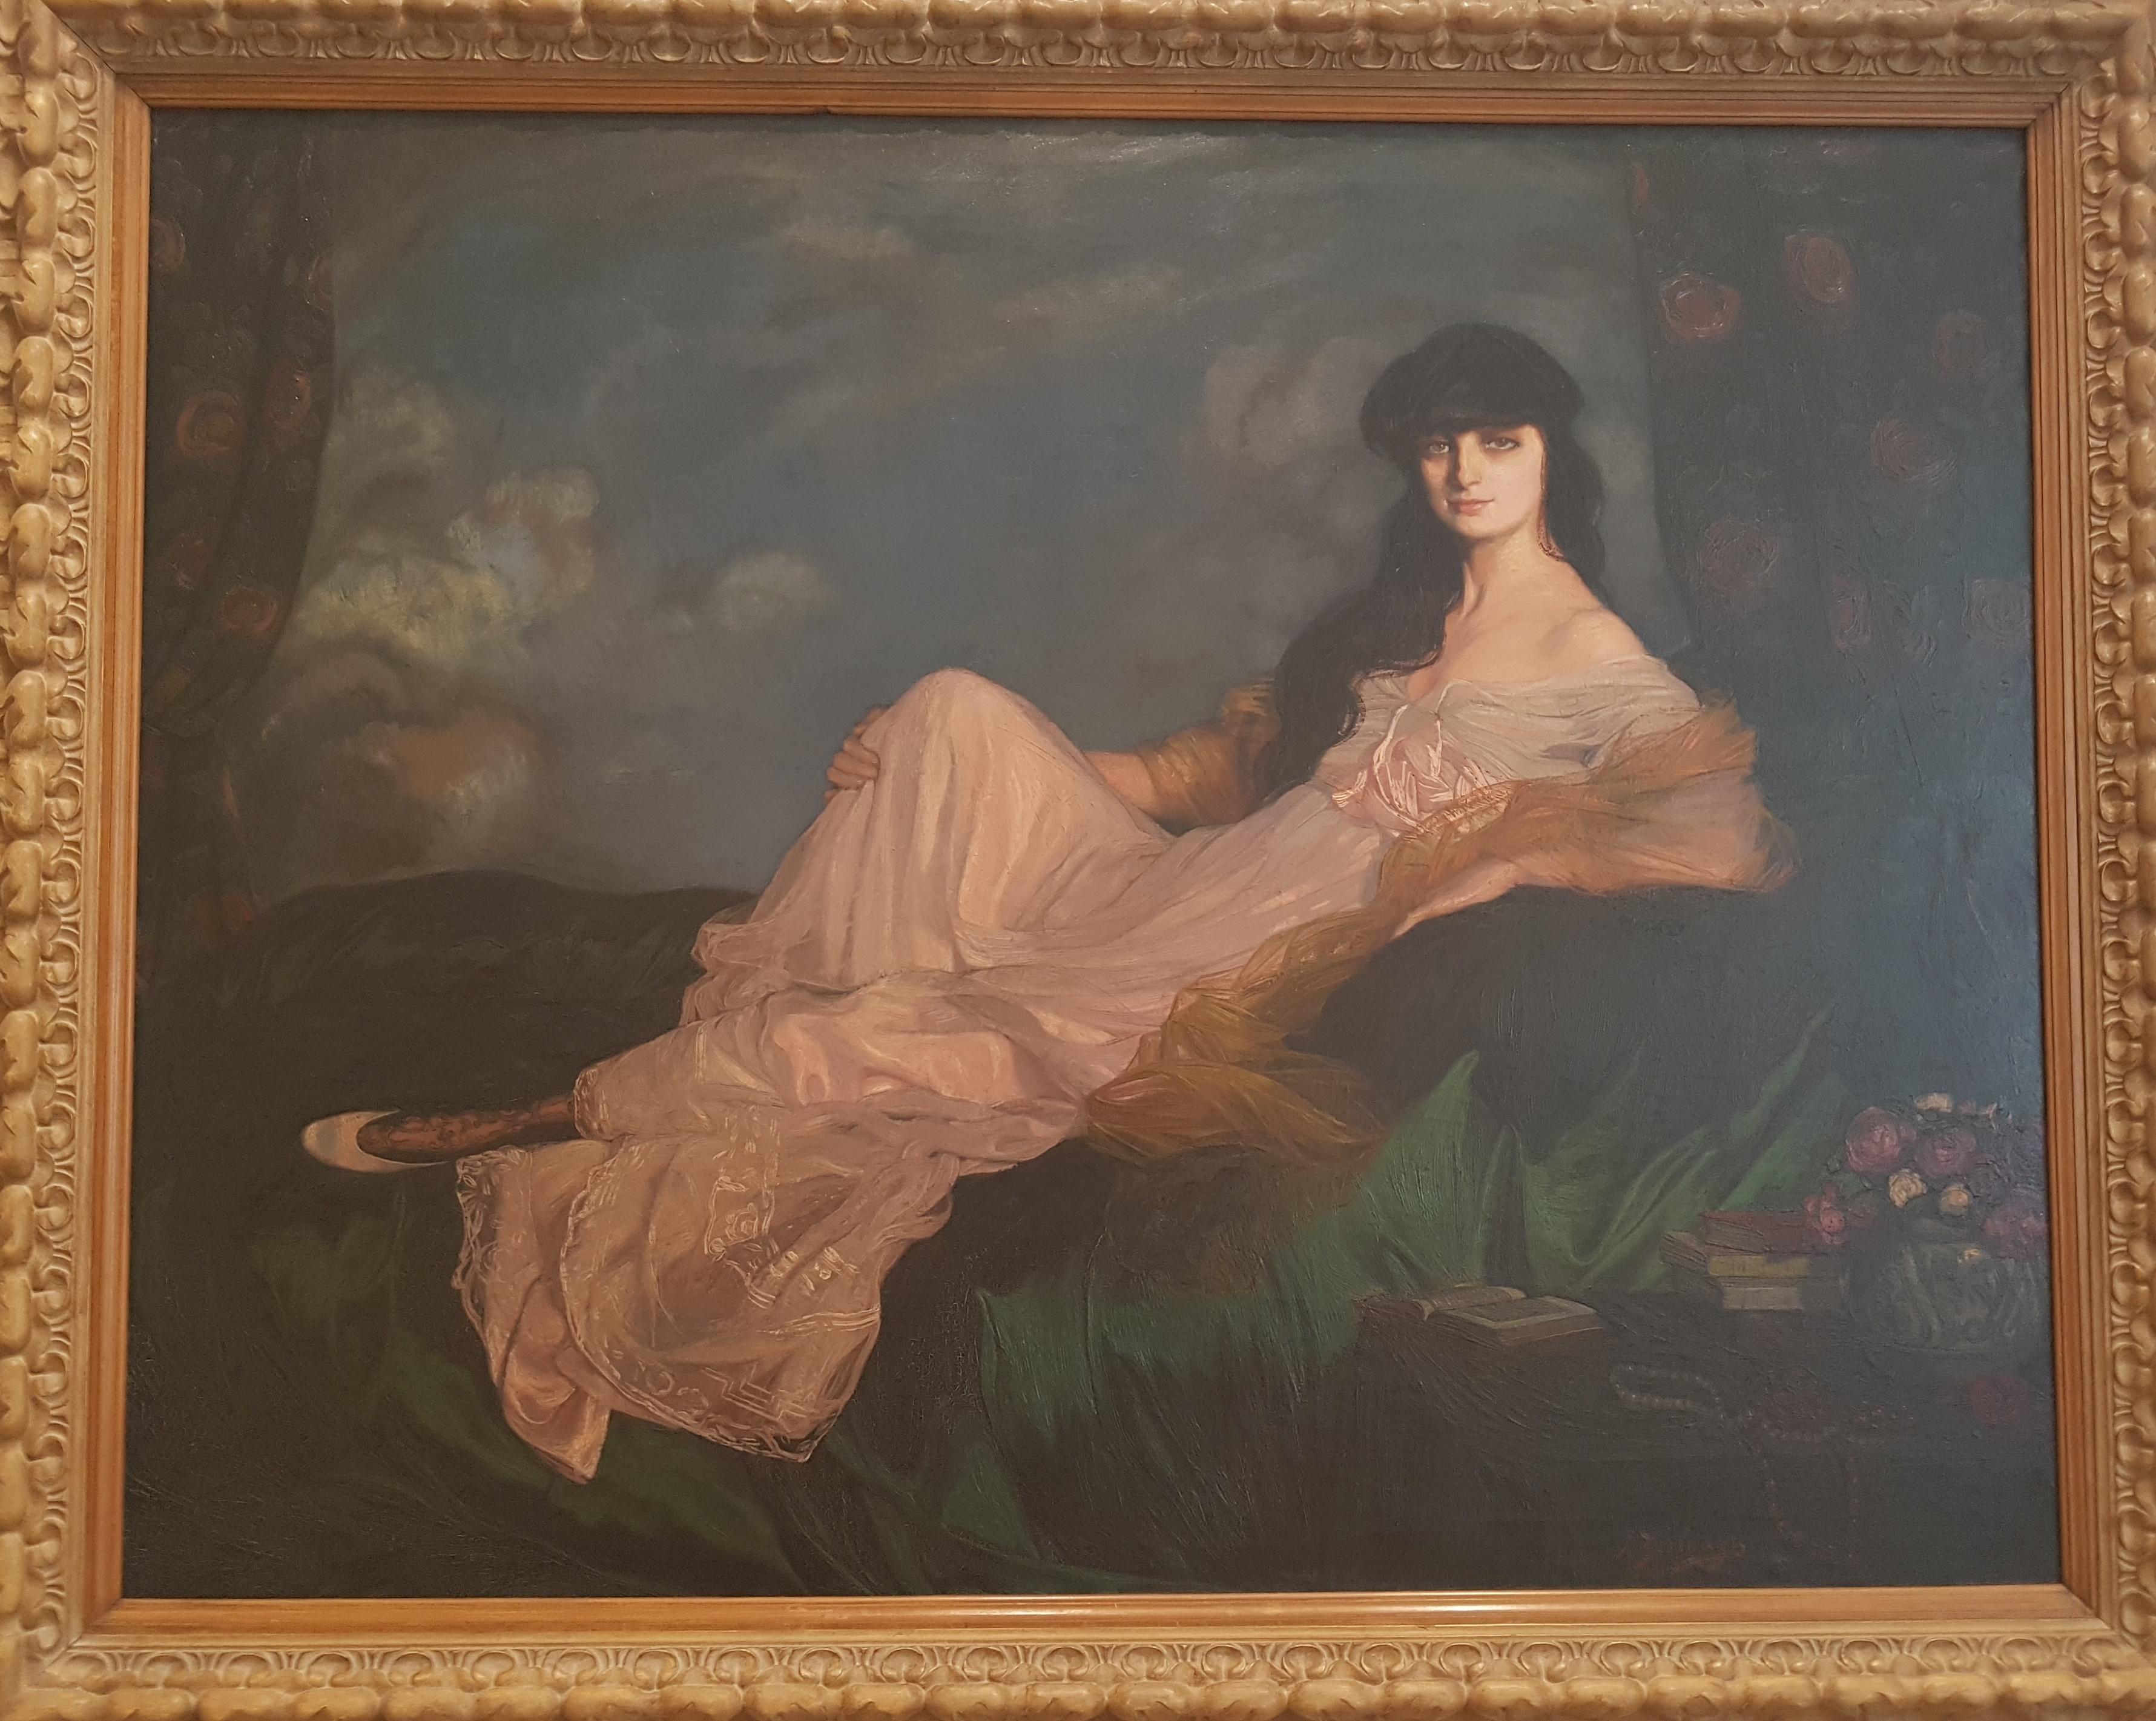 Anna Mathieu de Noailles